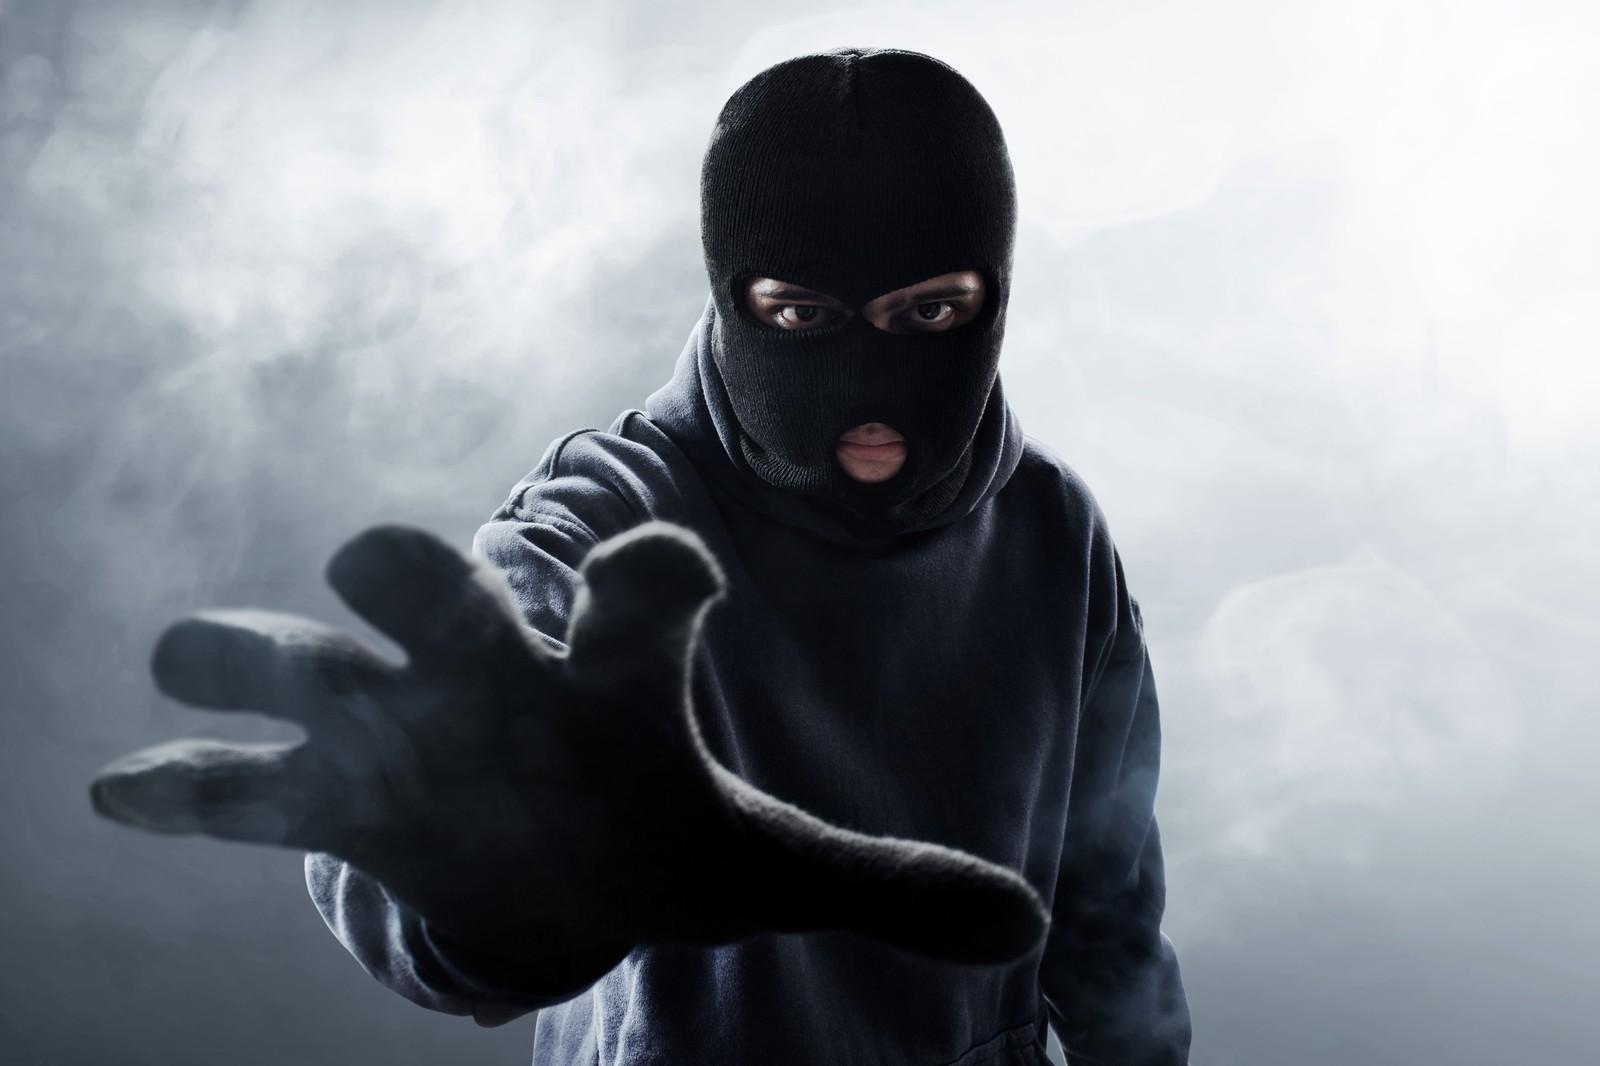 Nicht nur maskierte Diebe sind an Werkzeugen interessiert. Manchmal ist es auch ein harmlos wirkender Nachbar.